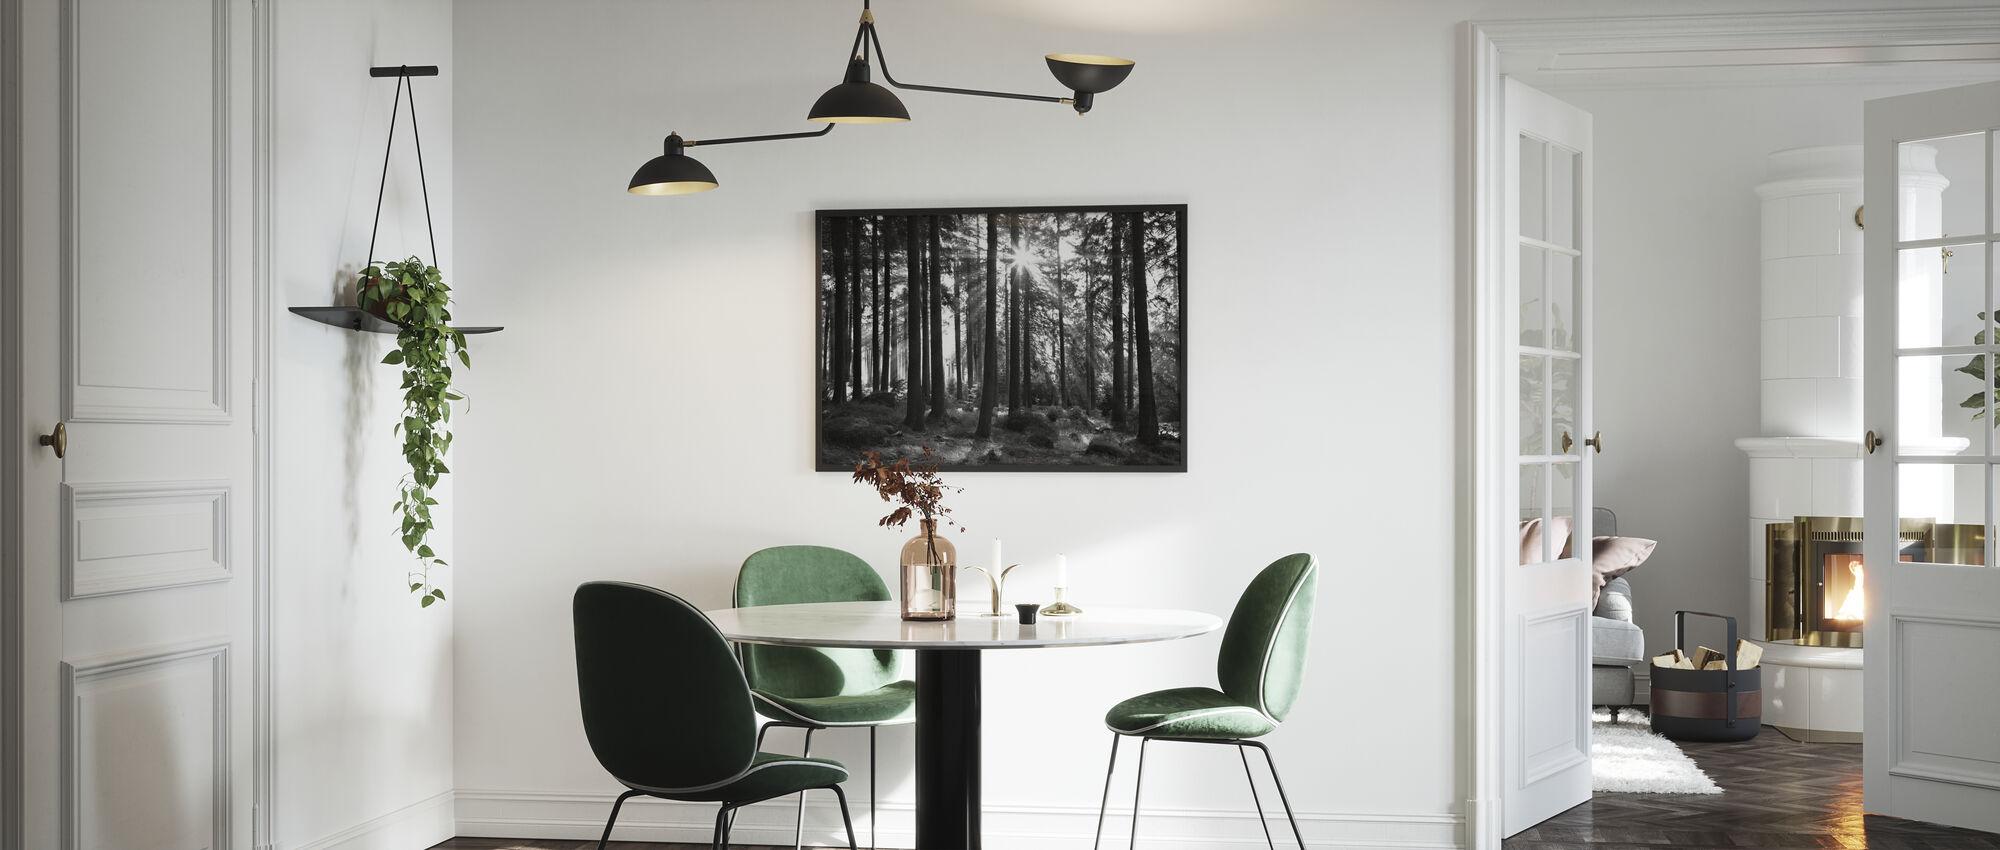 Sonnenstrahl durch Bäume - Poster - Küchen